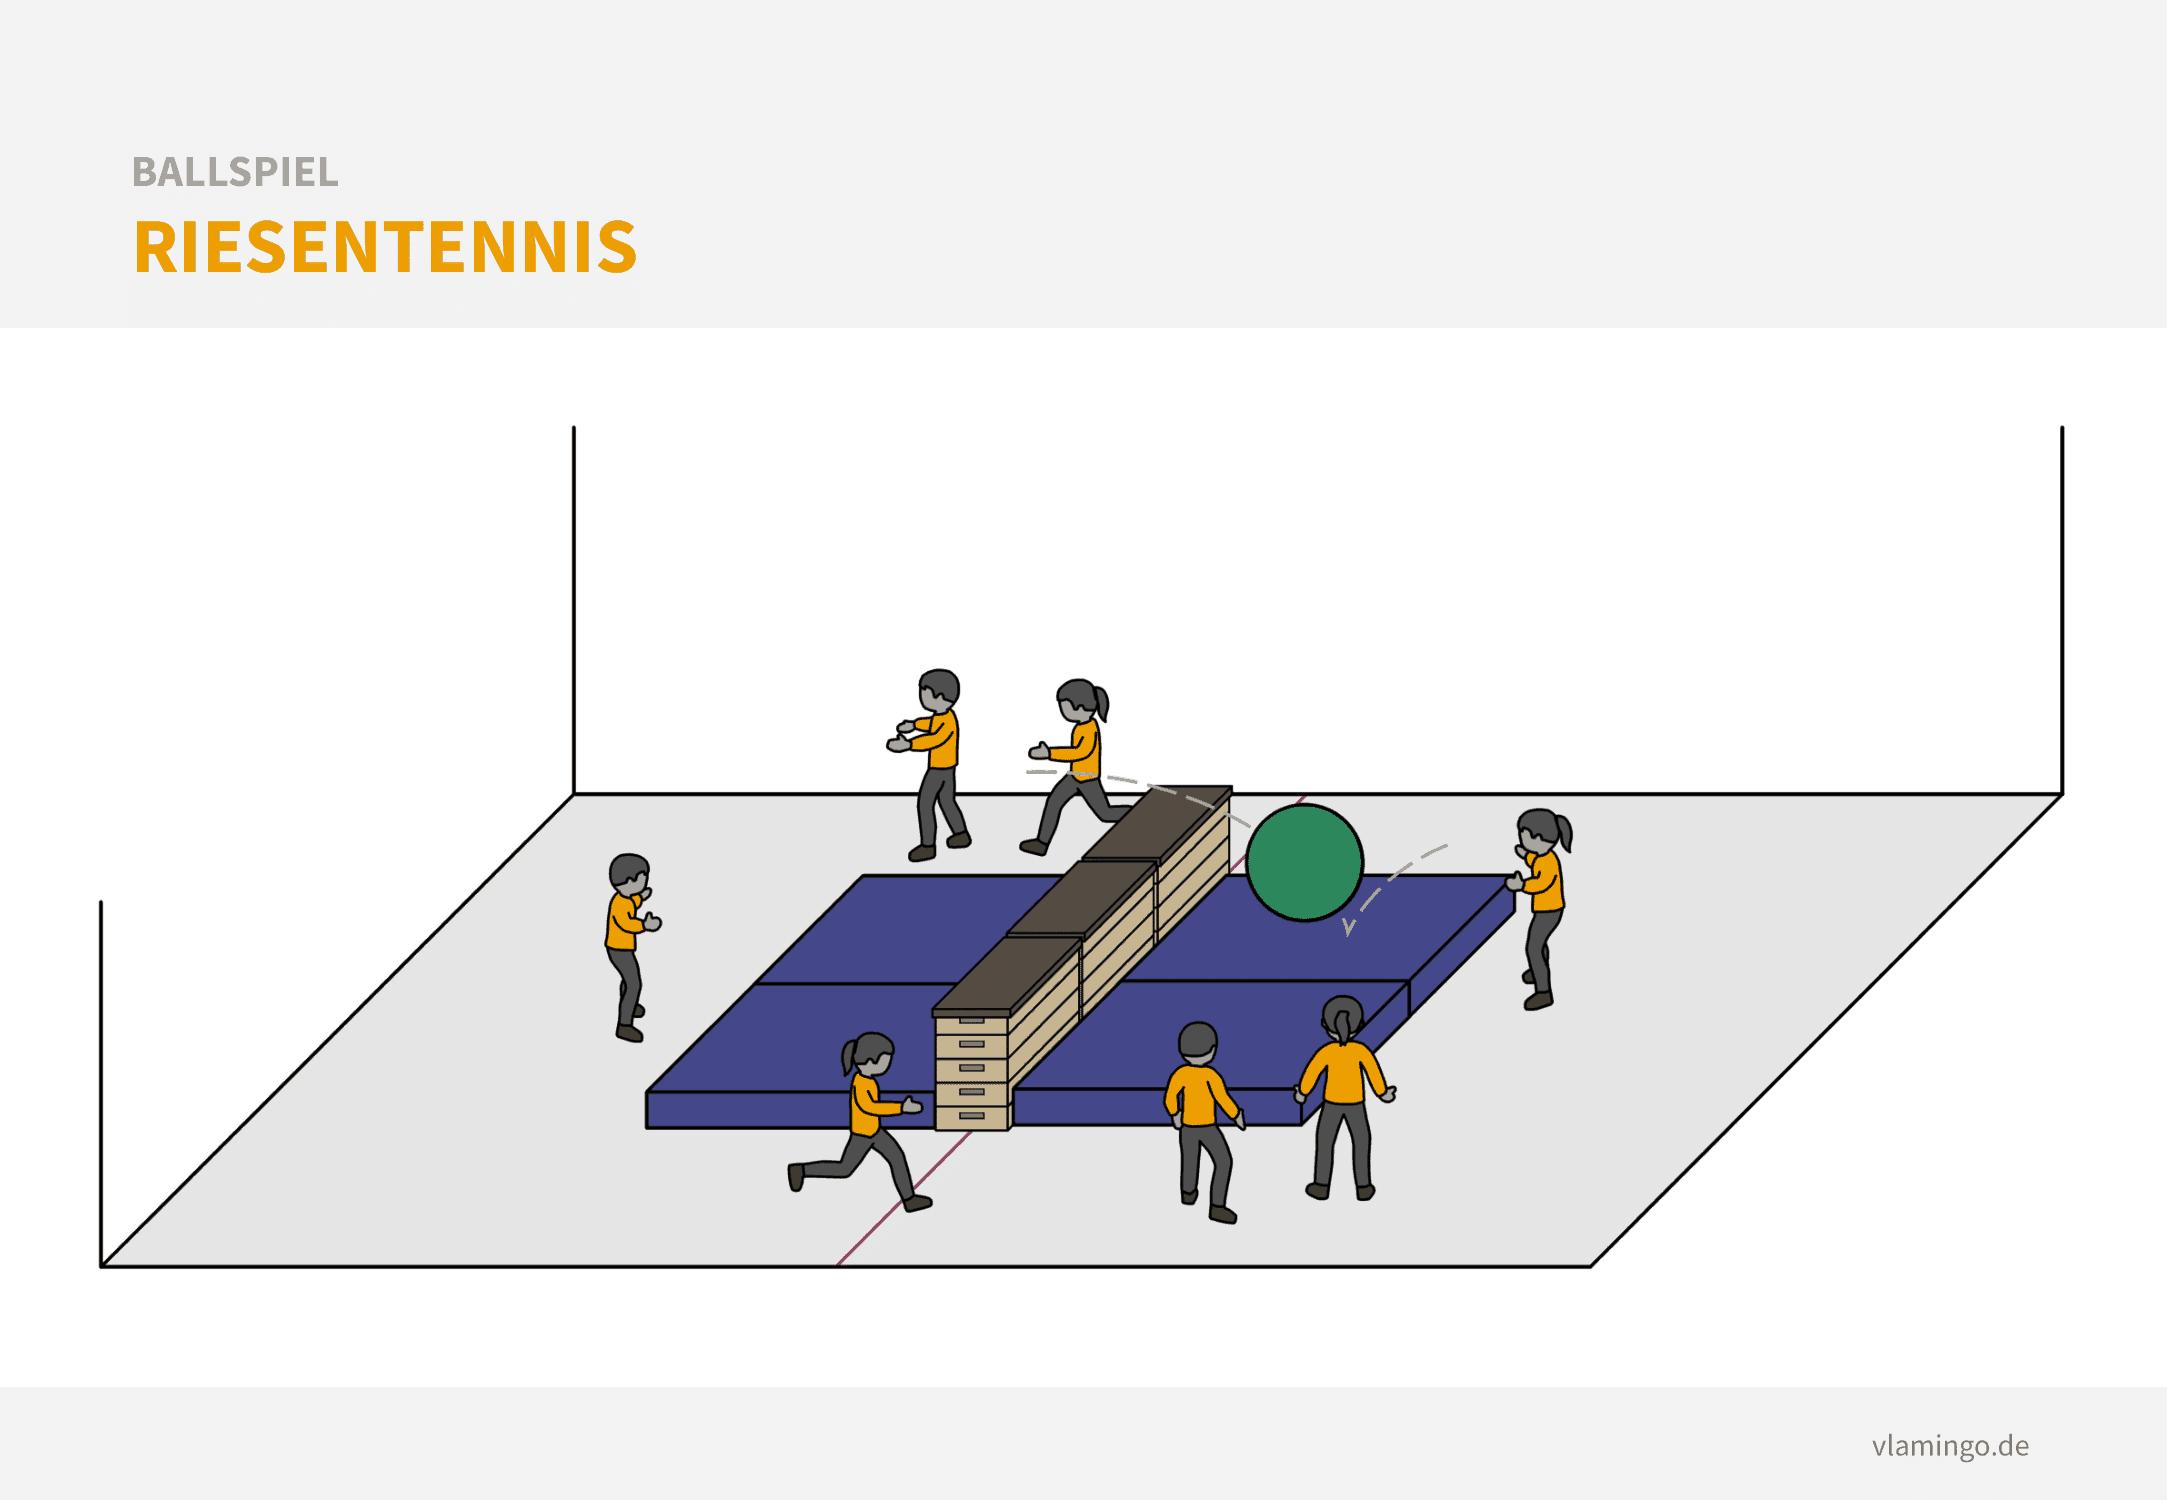 Ballspiel: Riesentennis